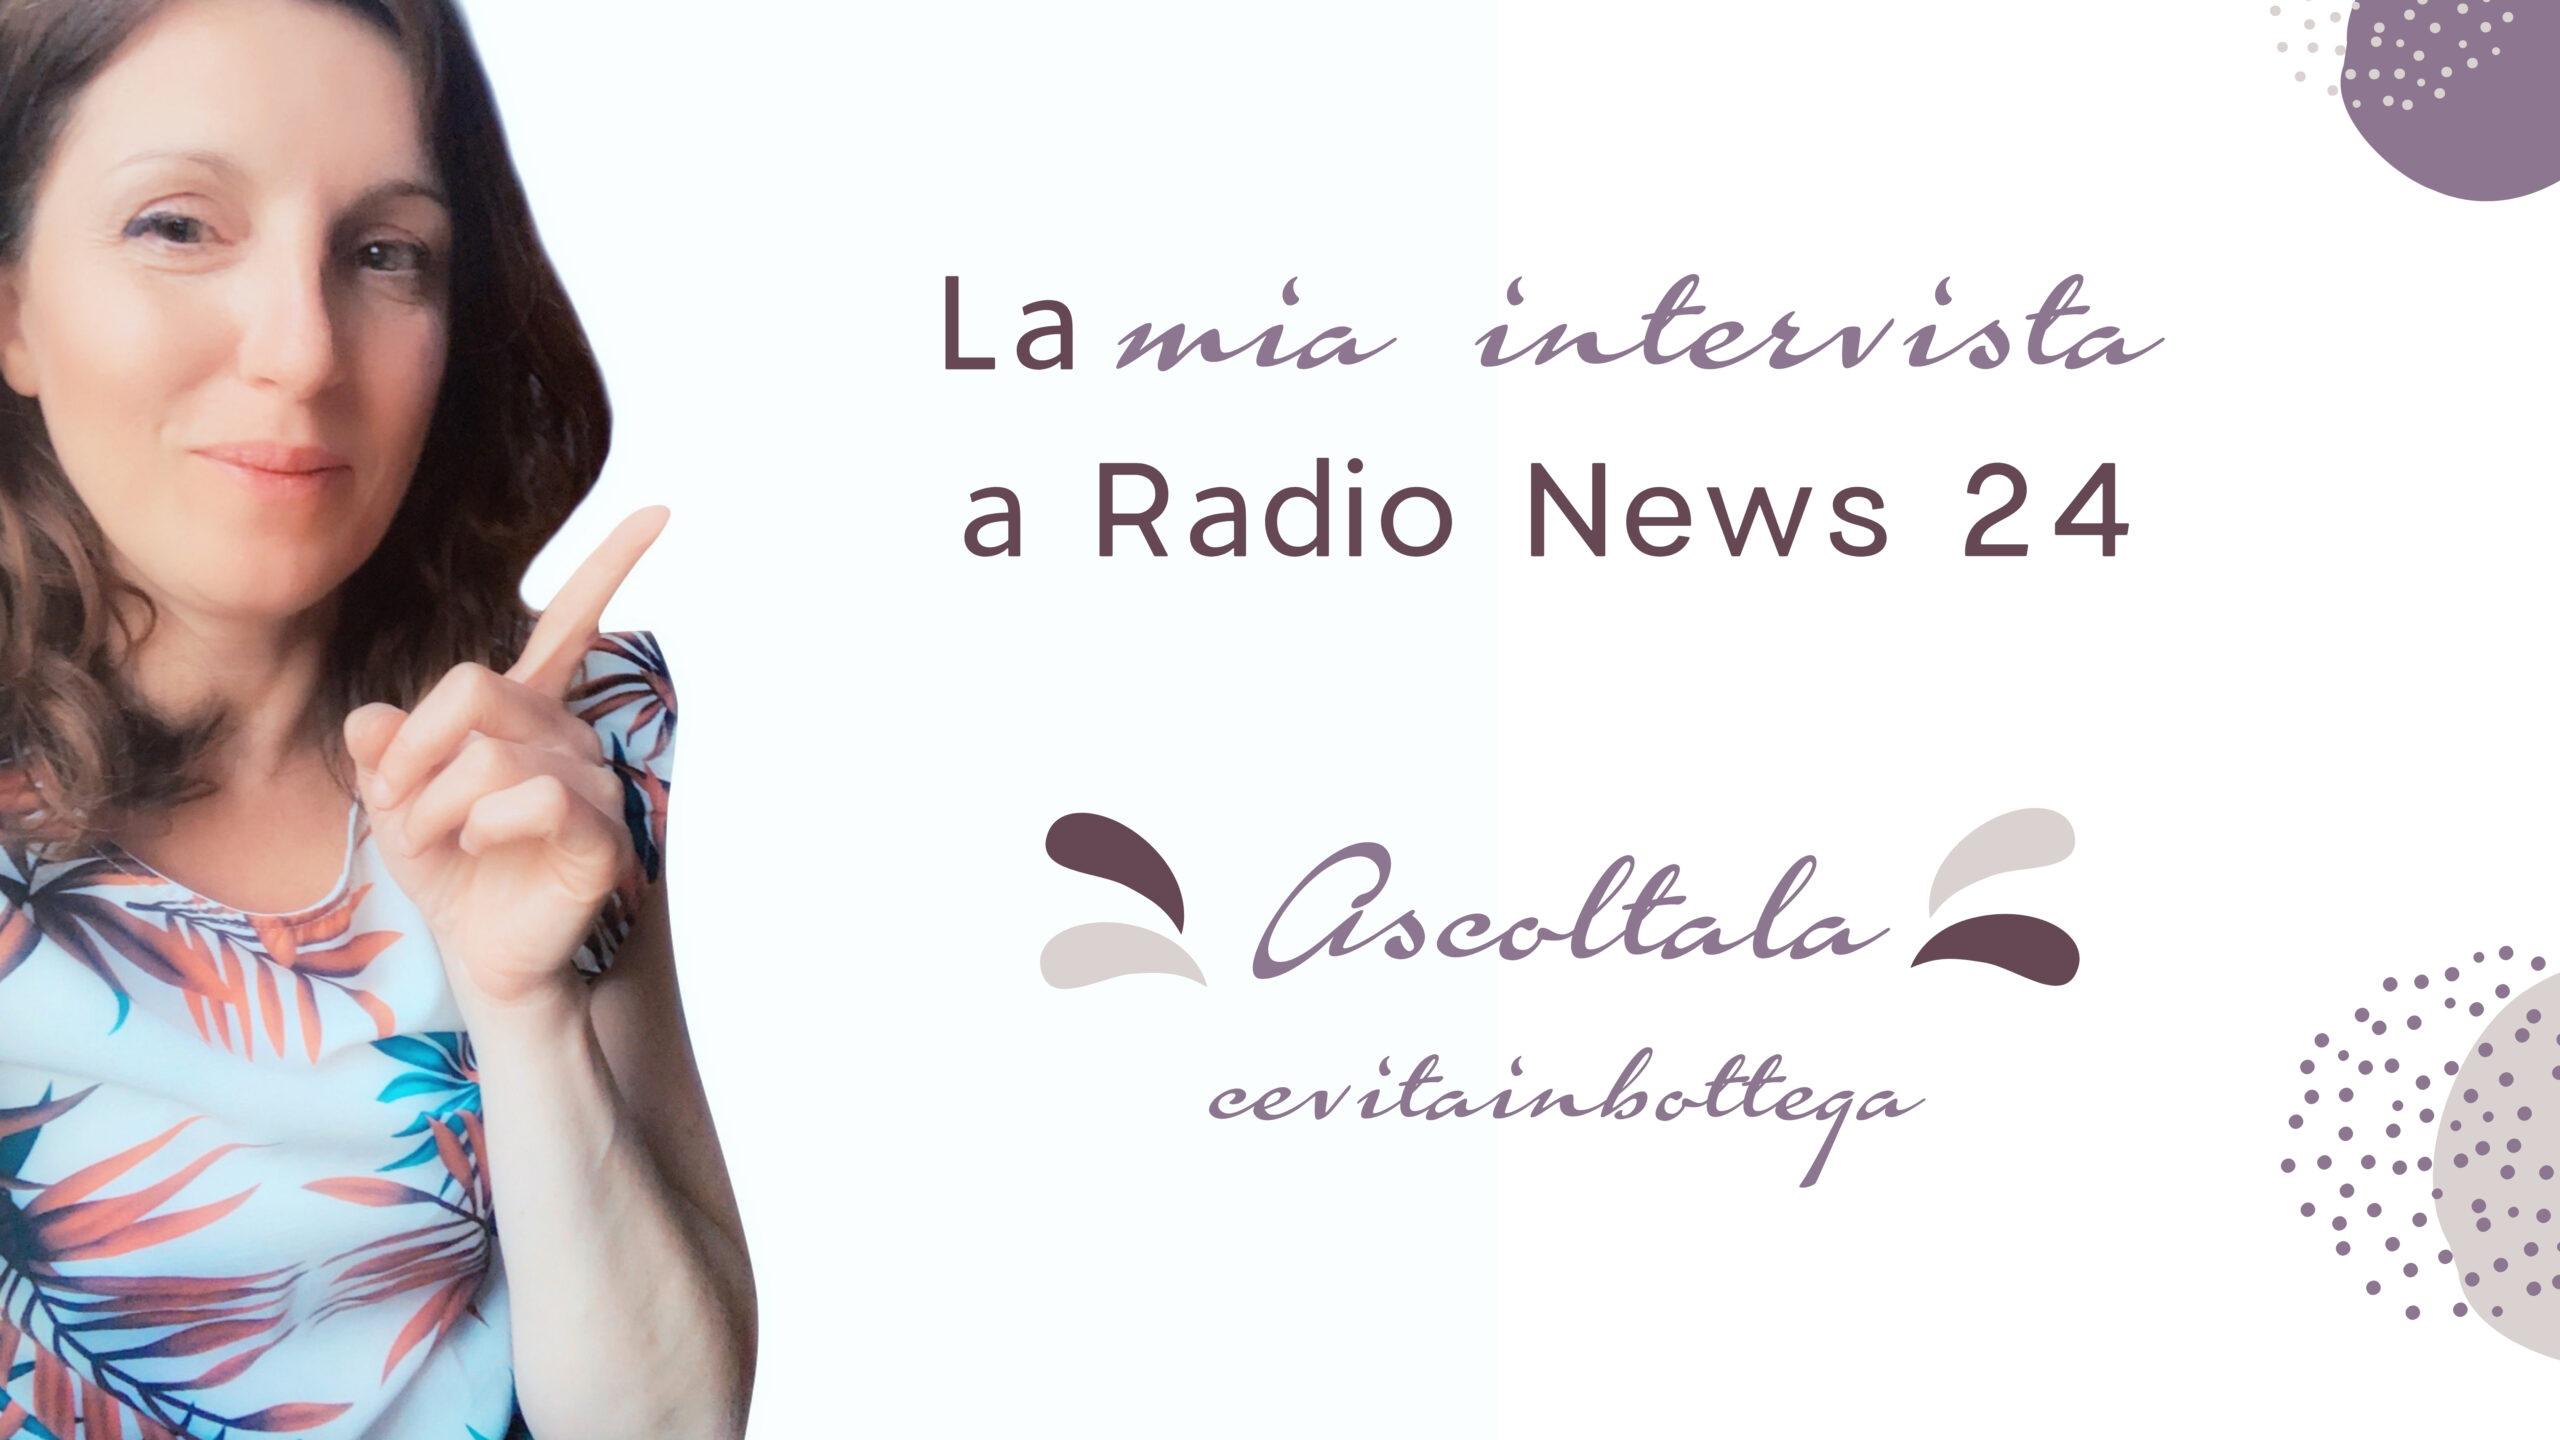 Giò bottega grafica ai microfoni di Radio News 24